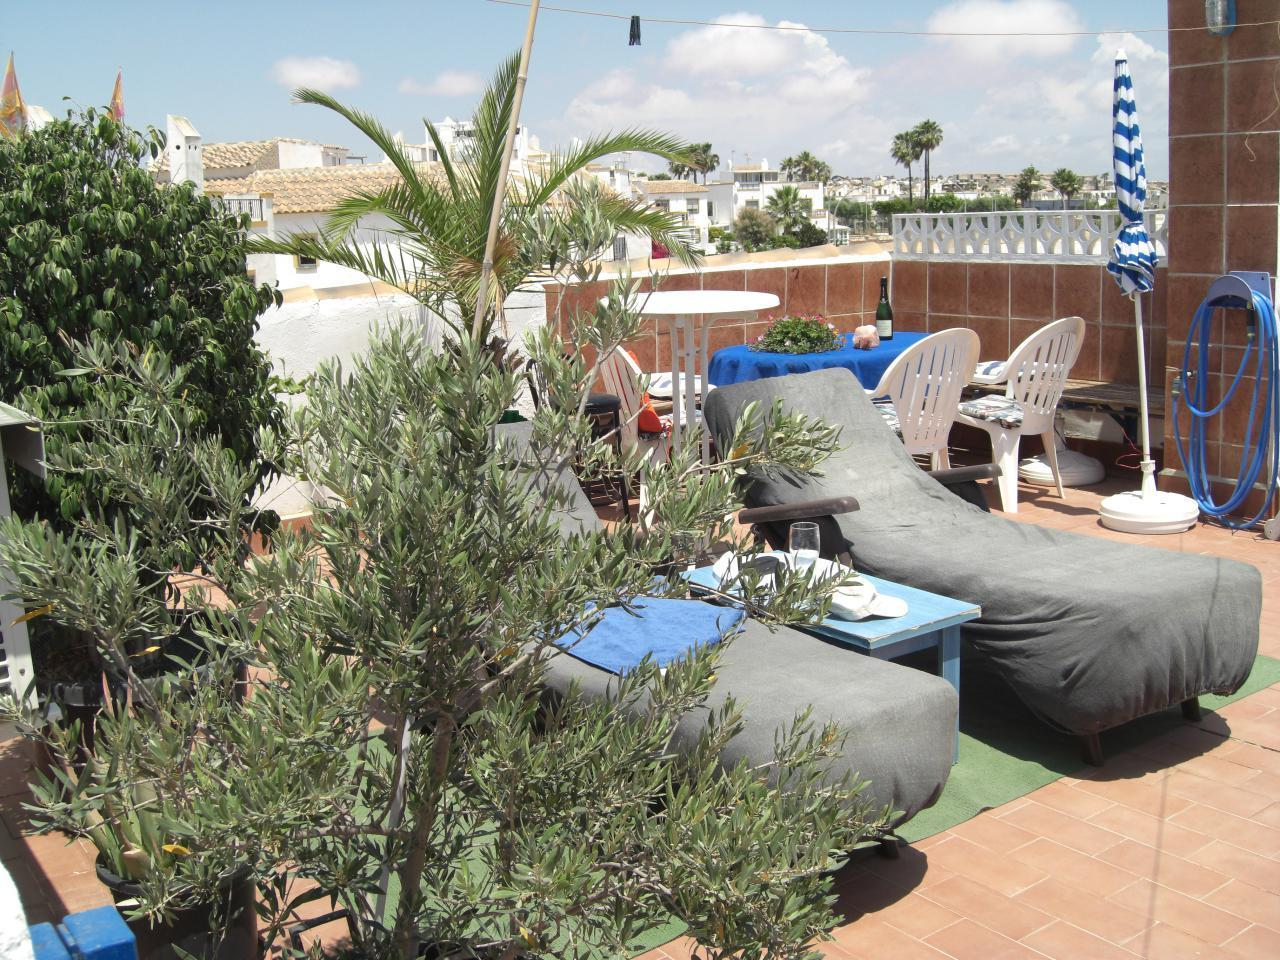 Ferienwohnung 4 Personen 62qm Costa Blanca (118835), Orihuela-Costa, Costa Blanca, Valencia, Spanien, Bild 20